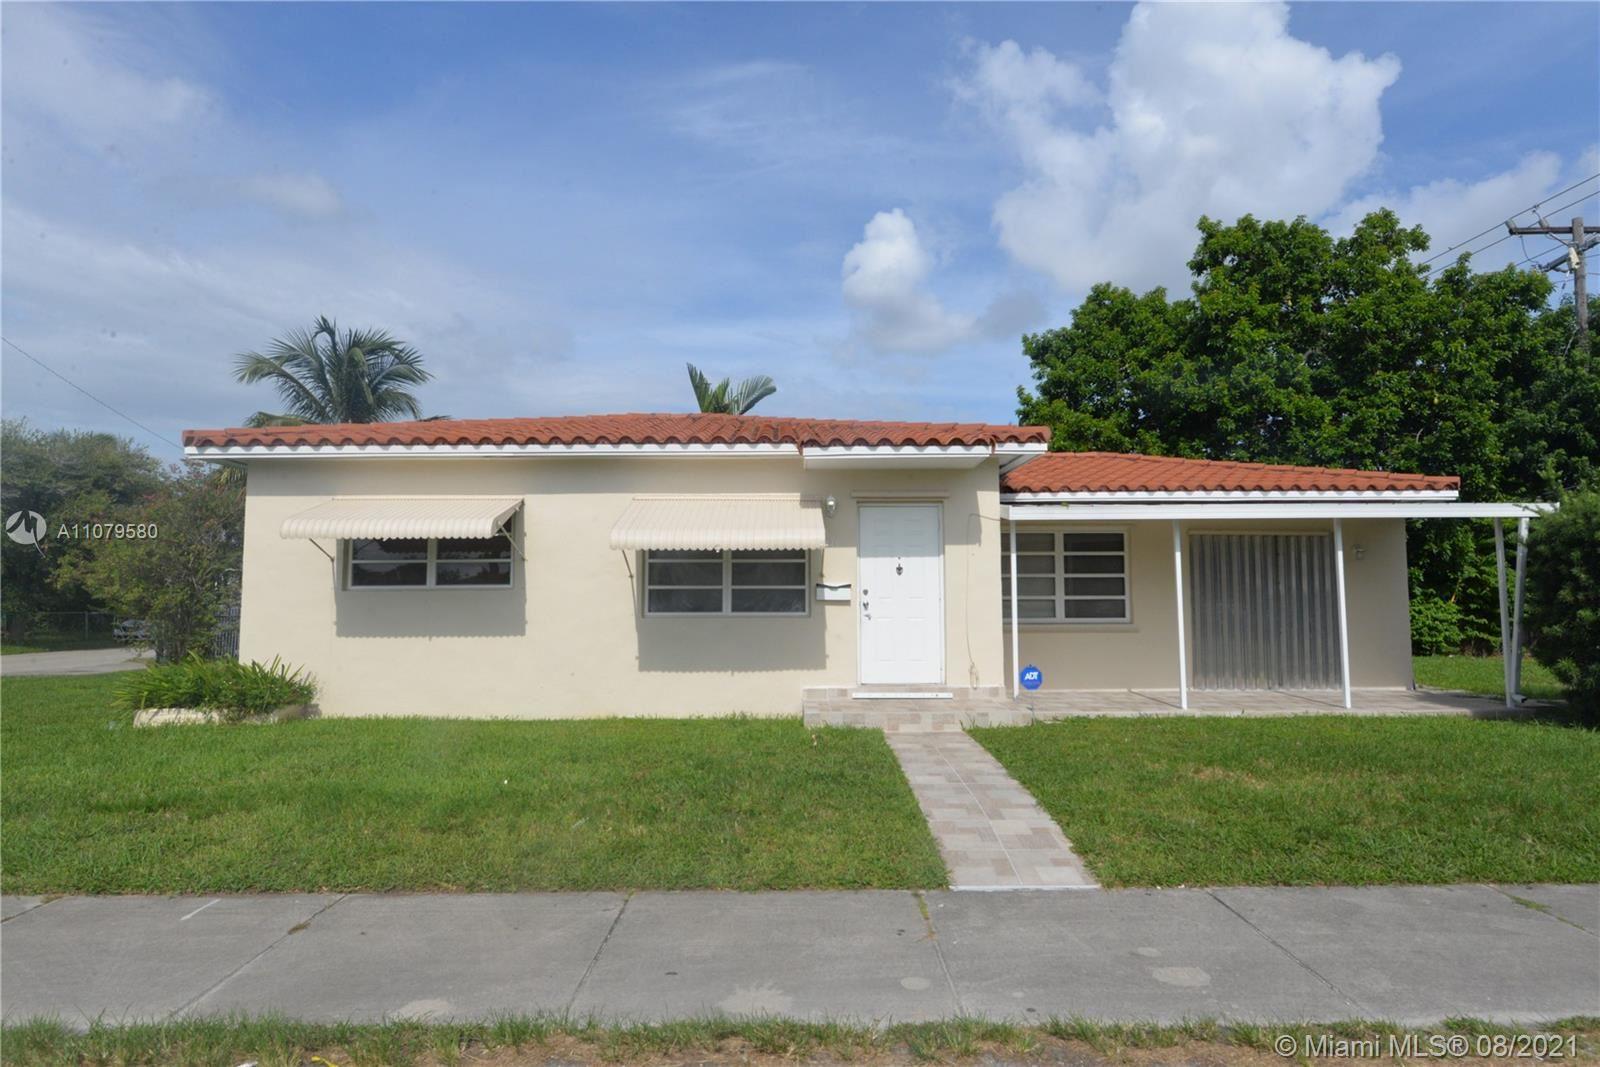 420 SW 51st Ave, Miami, FL 33134 - #: A11079580